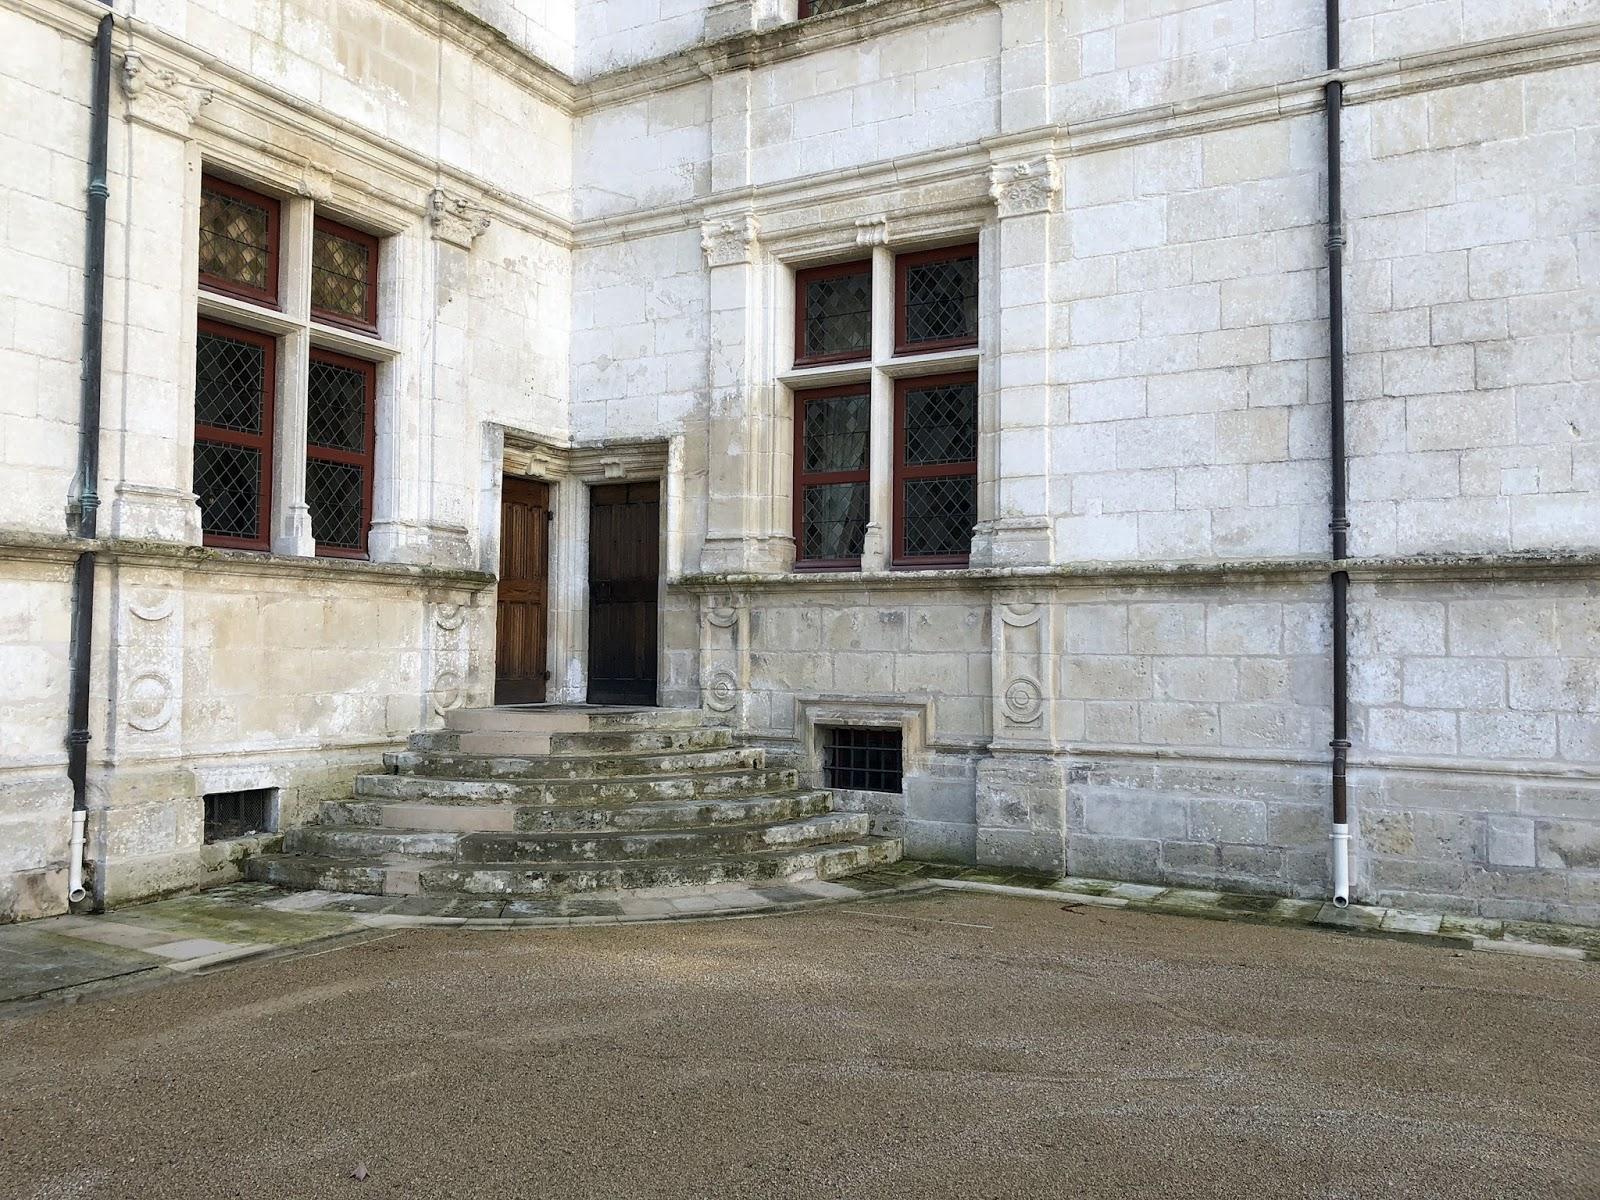 AZAYLERIDEAU  Chteaux de la Loire  chavanitas